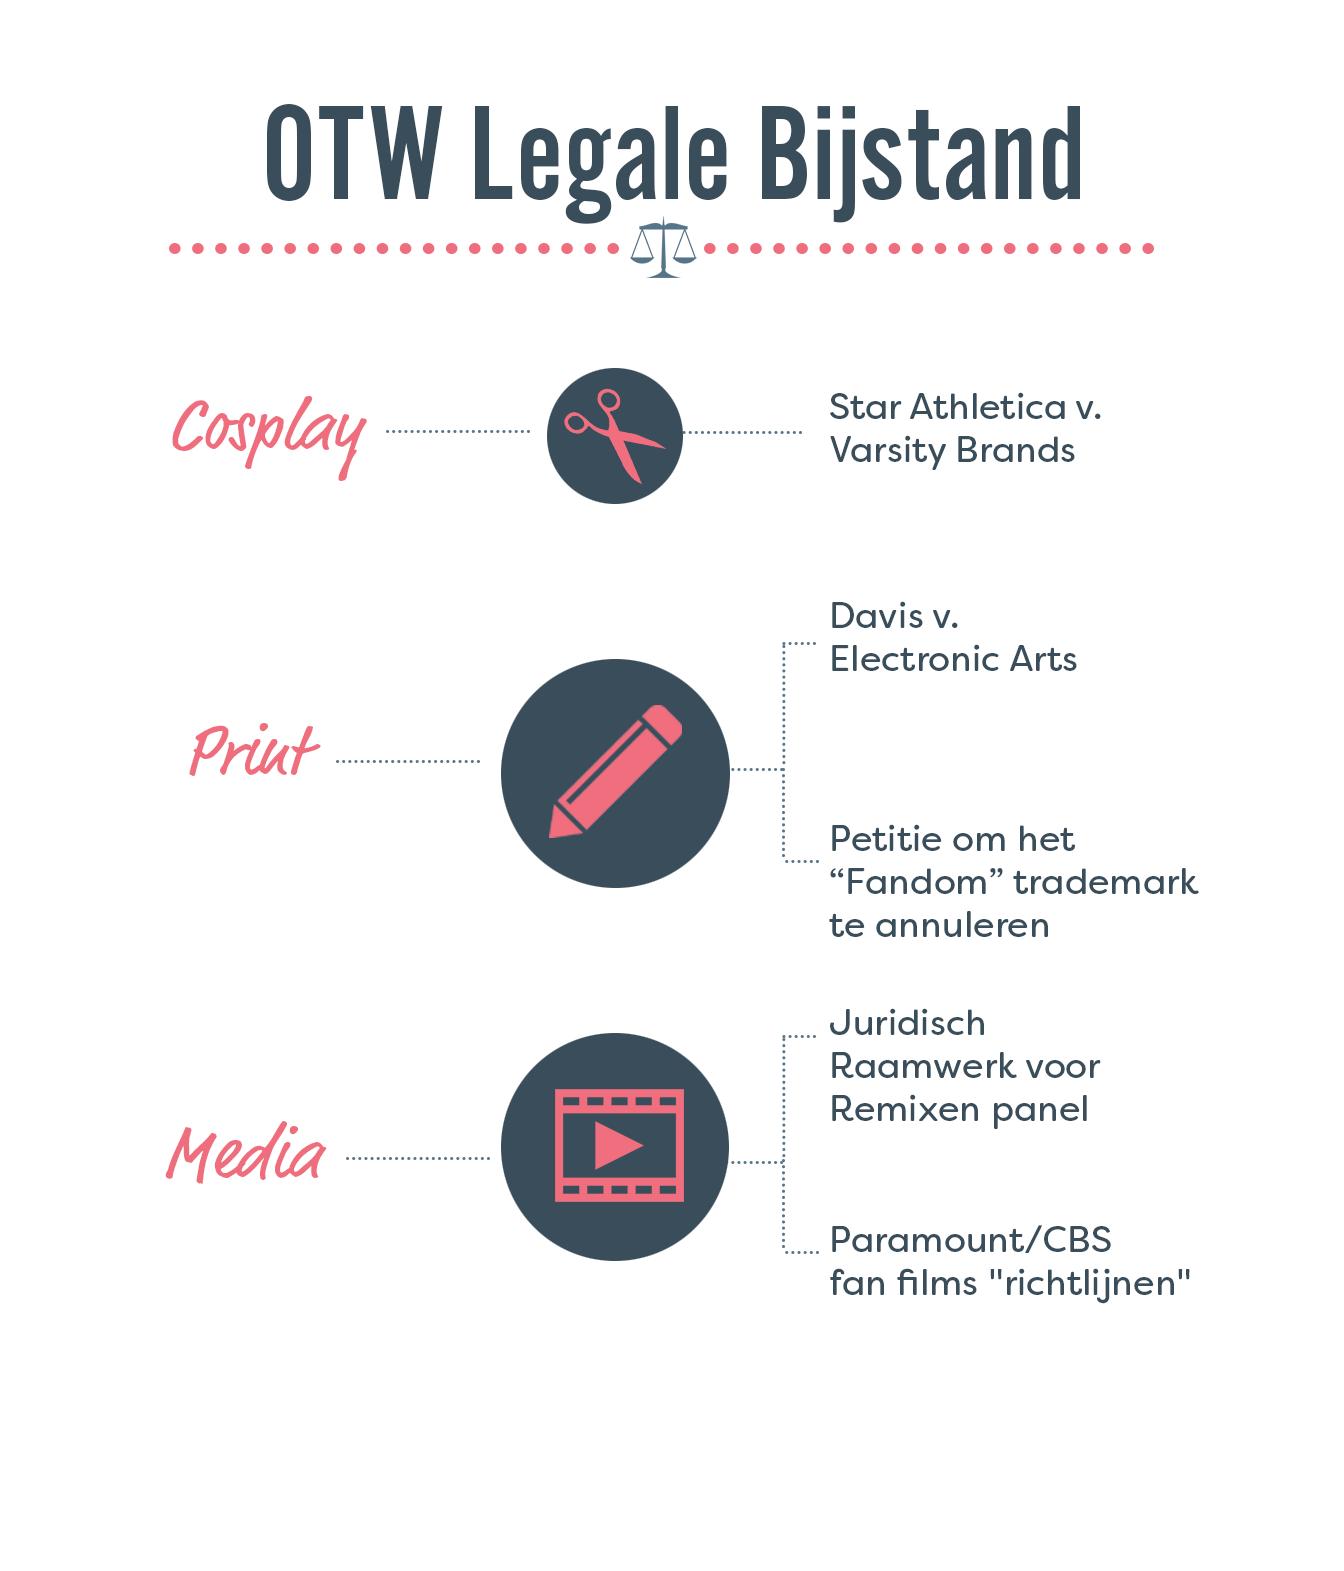 Werk dat Legale Bijstand dit jaar heeft gedaan heeft betrekking tot verschillende types van fan activiteit: cosplay (Star Athletica vs. Varsity Brands), schrijven (Davis v. Electronic Arts, petitie om het 'Fandom' trademark tegen te gaan), media (Juridisch Raamwerk voor Remixen panel, Paramount/CBS  fan films 'richtlijnen')